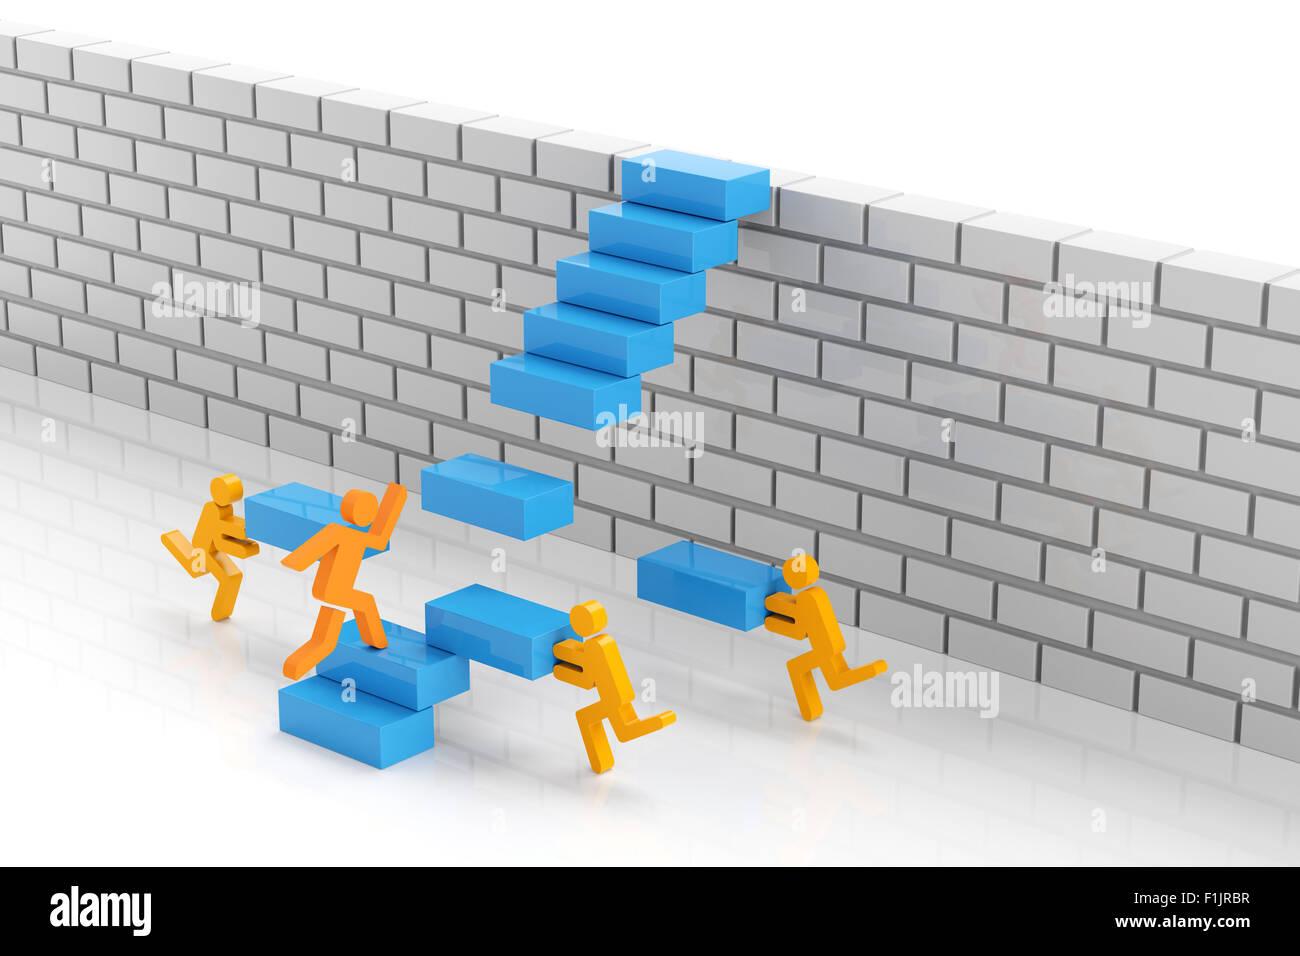 Teamarbeit, Hindernisse zu überwinden Stockbild